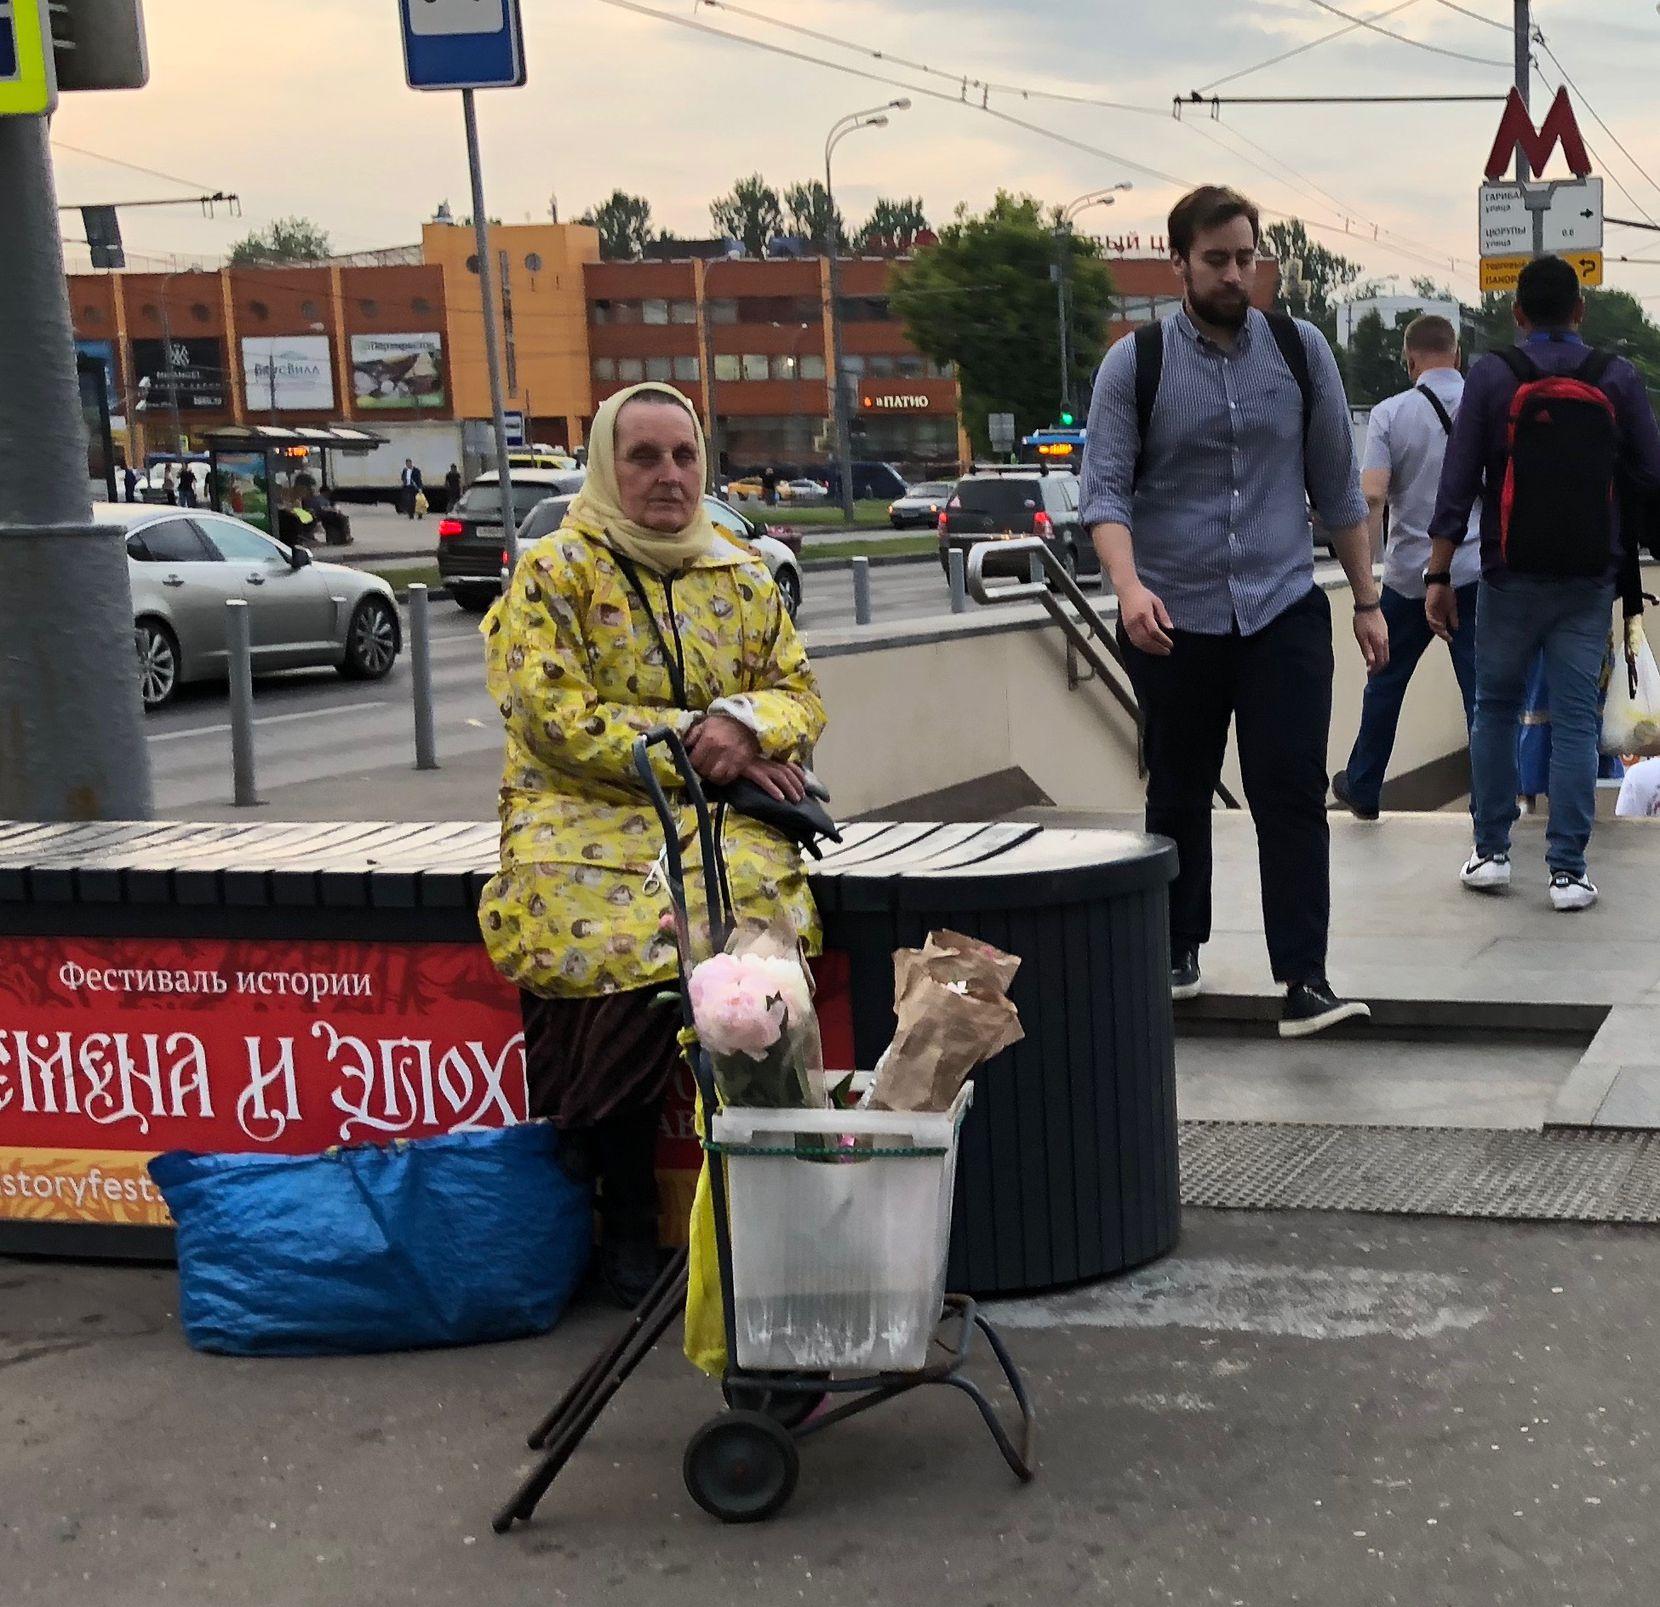 Señora vende flores en la puerta del metro de Moscú.